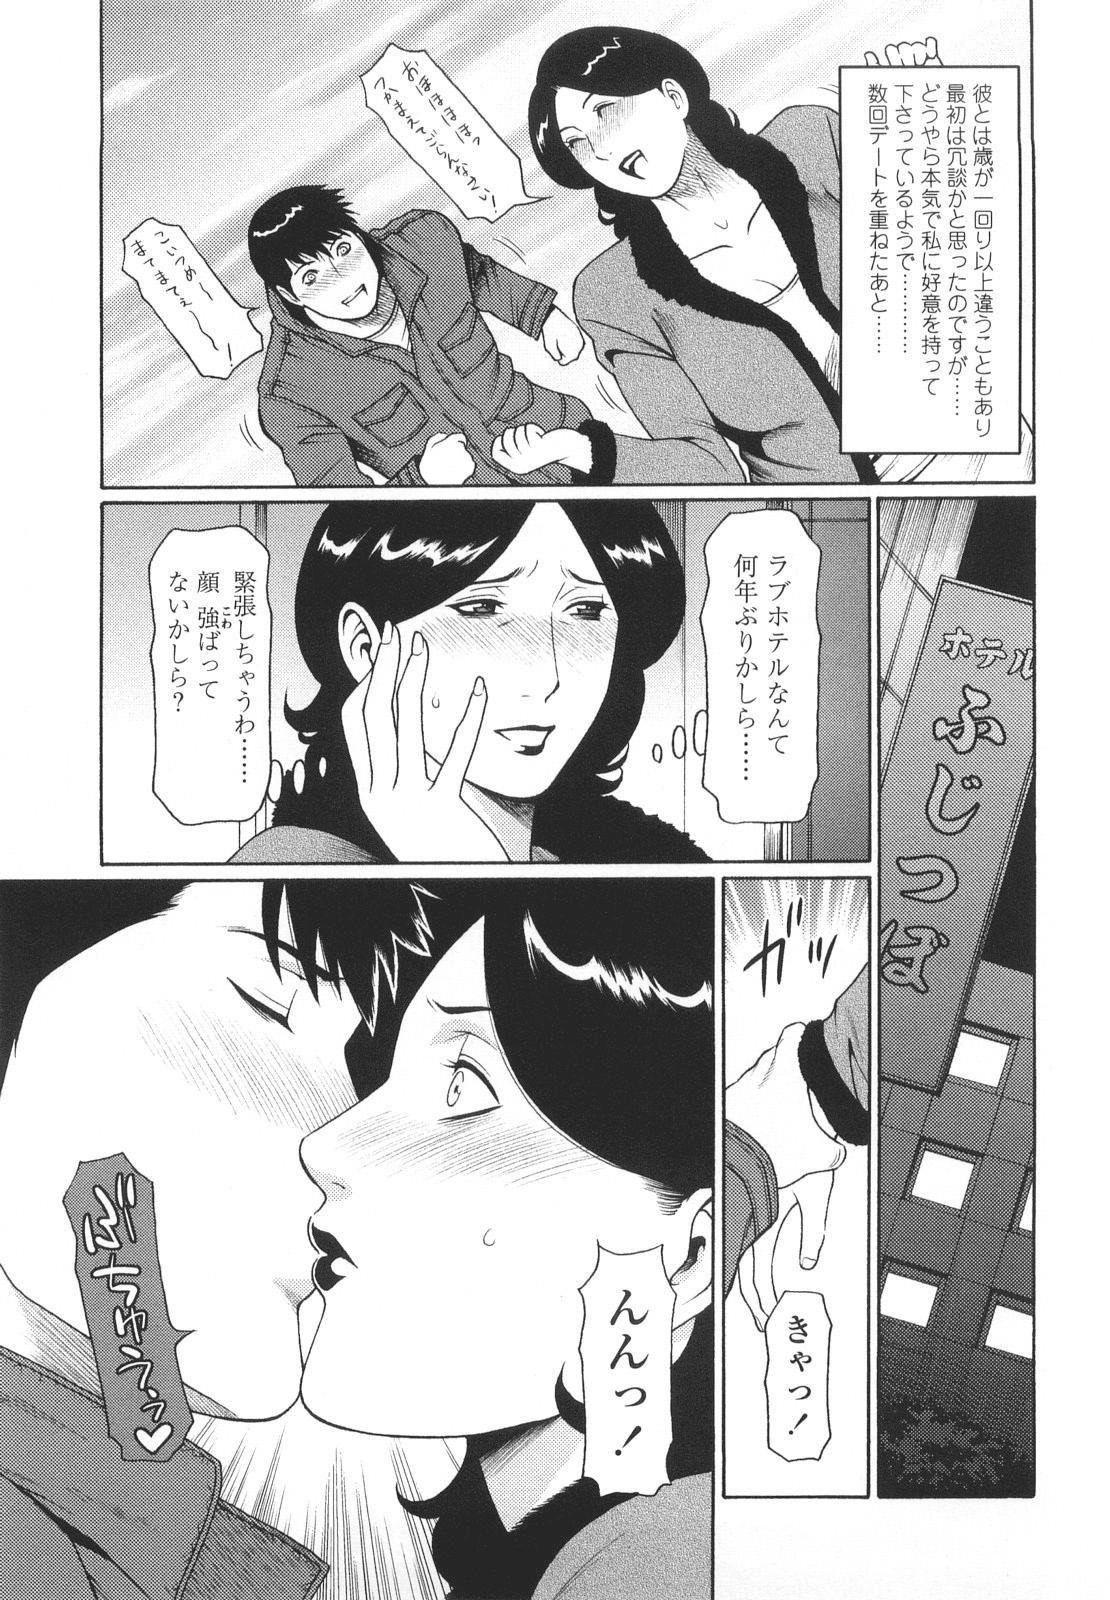 [Takasugi Kou] Kindan no Haha-Ana - Immorality Love-Hole Ch. 11-12 [Decensored] 2